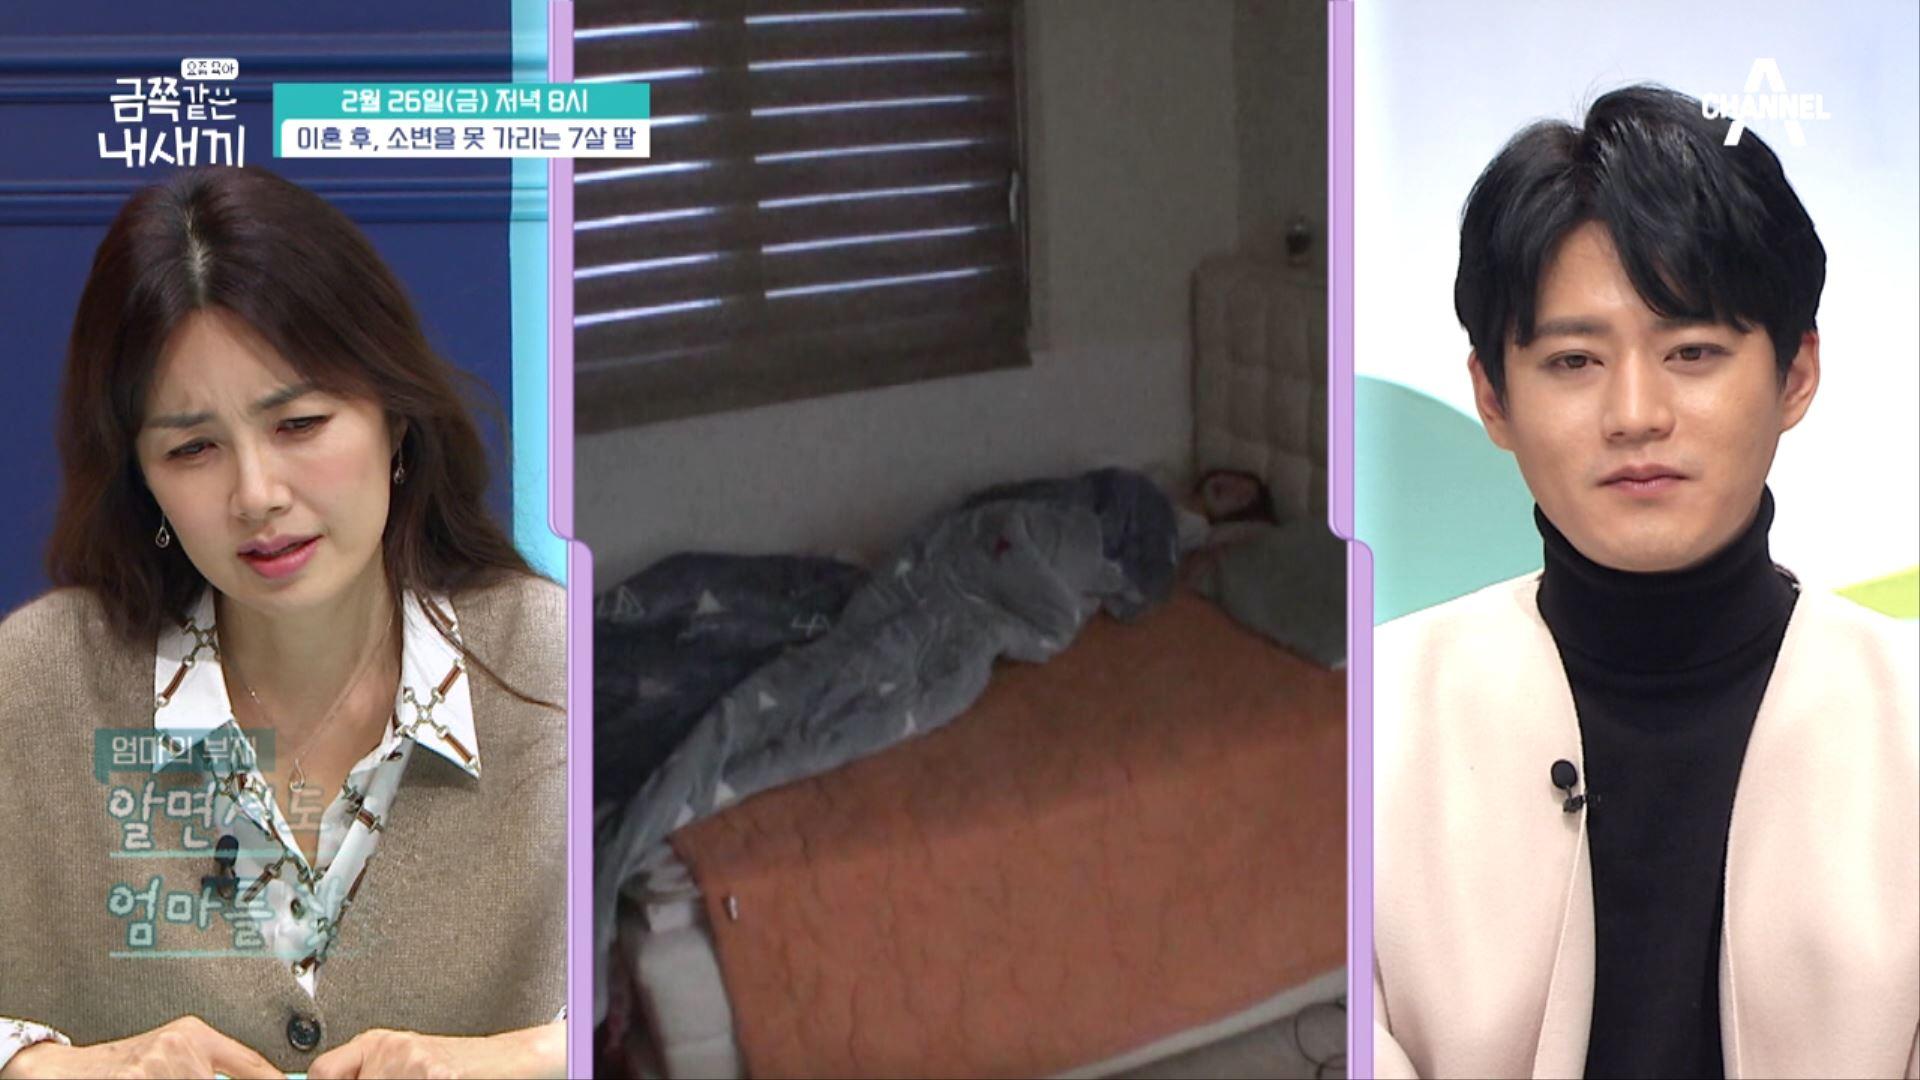 [선공개] 아침에 눈 뜨자마자 엄마를 찾으며 우는 금쪽이 이미지